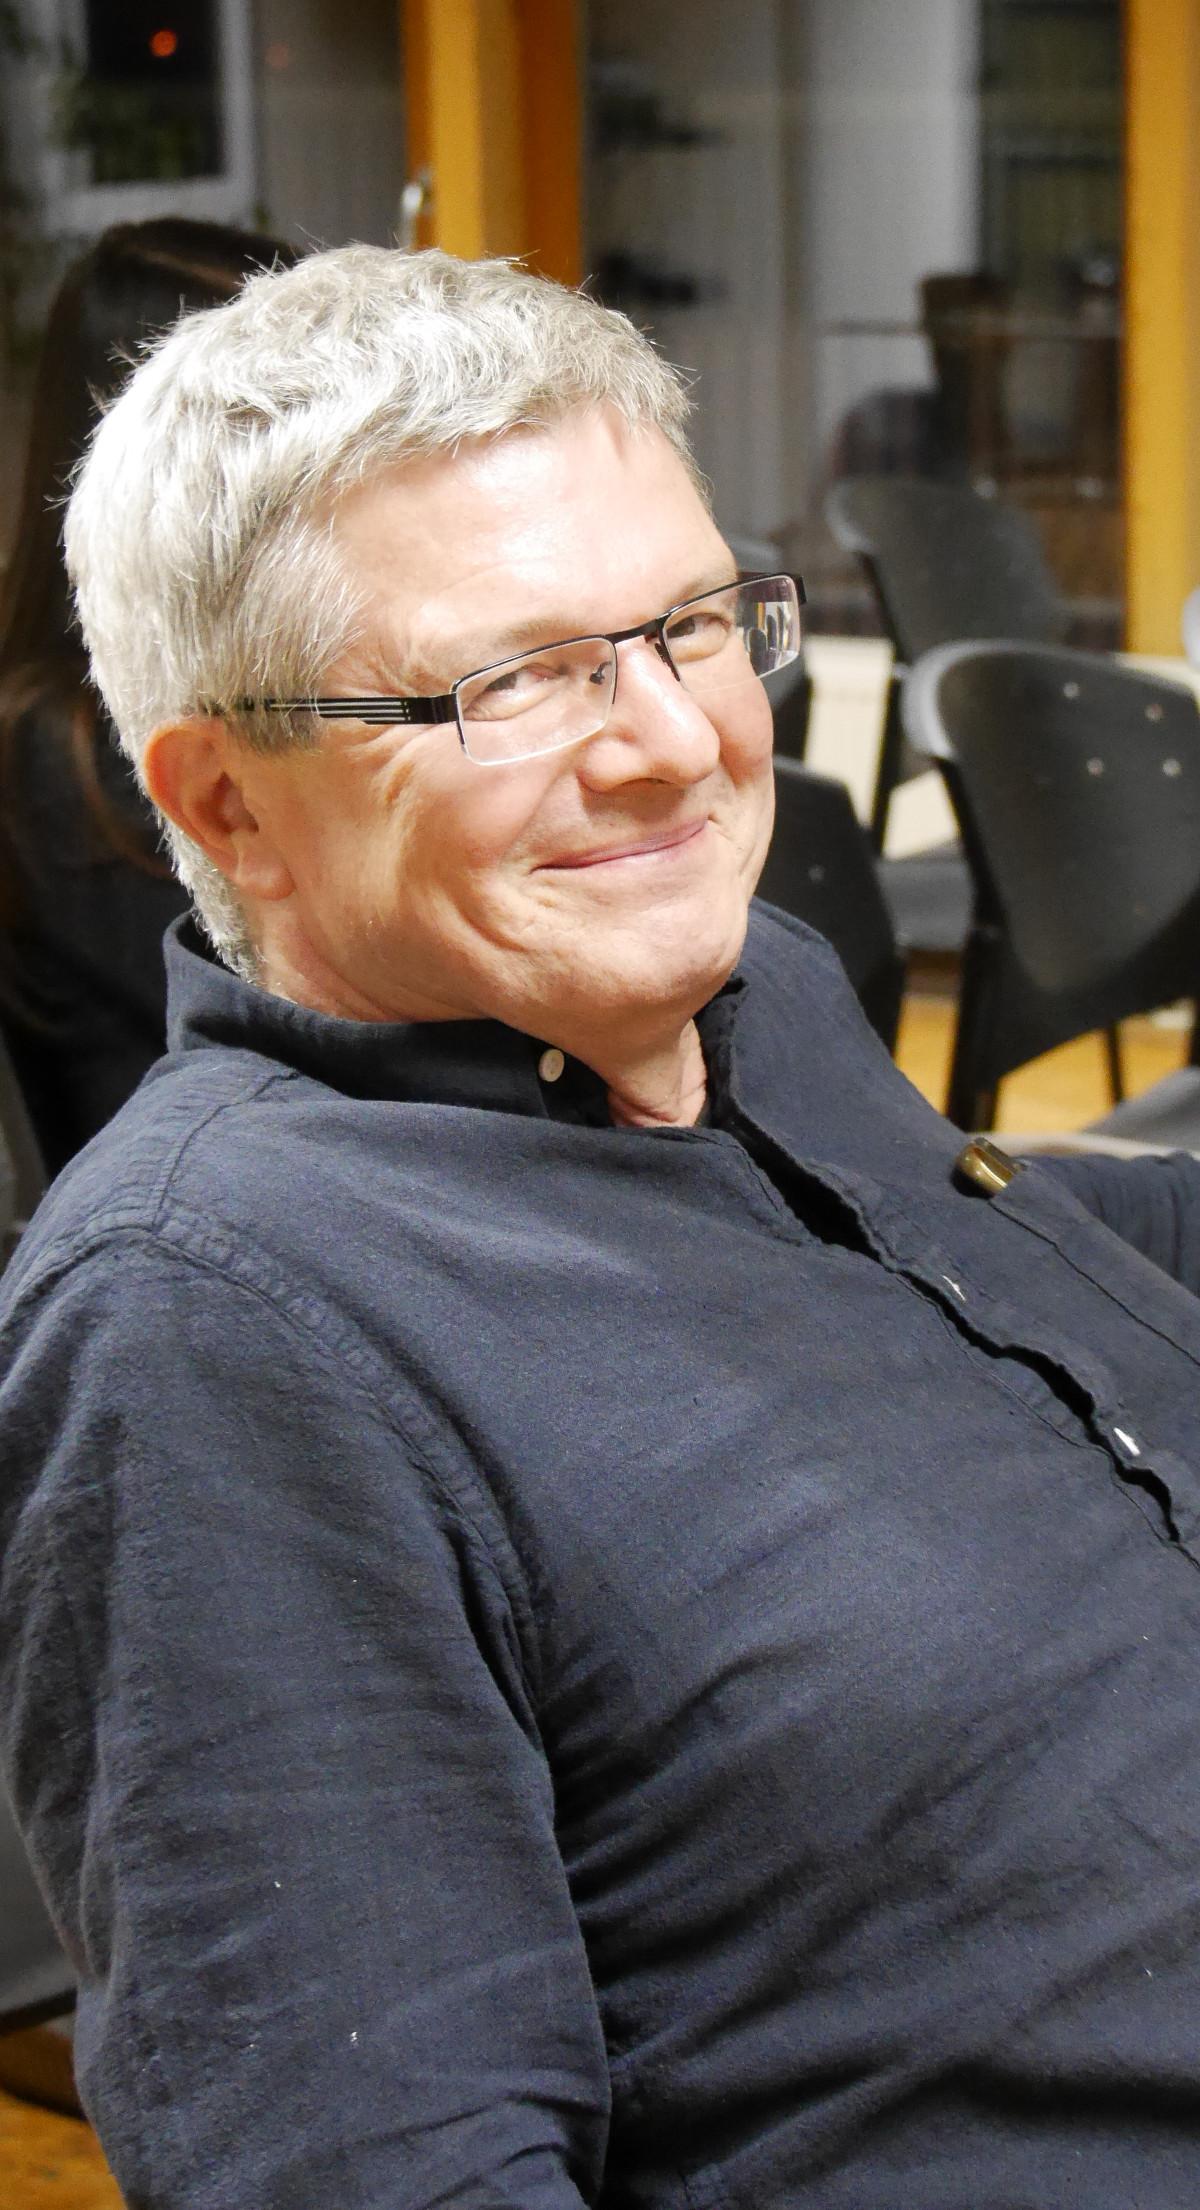 Michael Klein, der Direktor des INM, mit einem frfeundlichen Lächeln